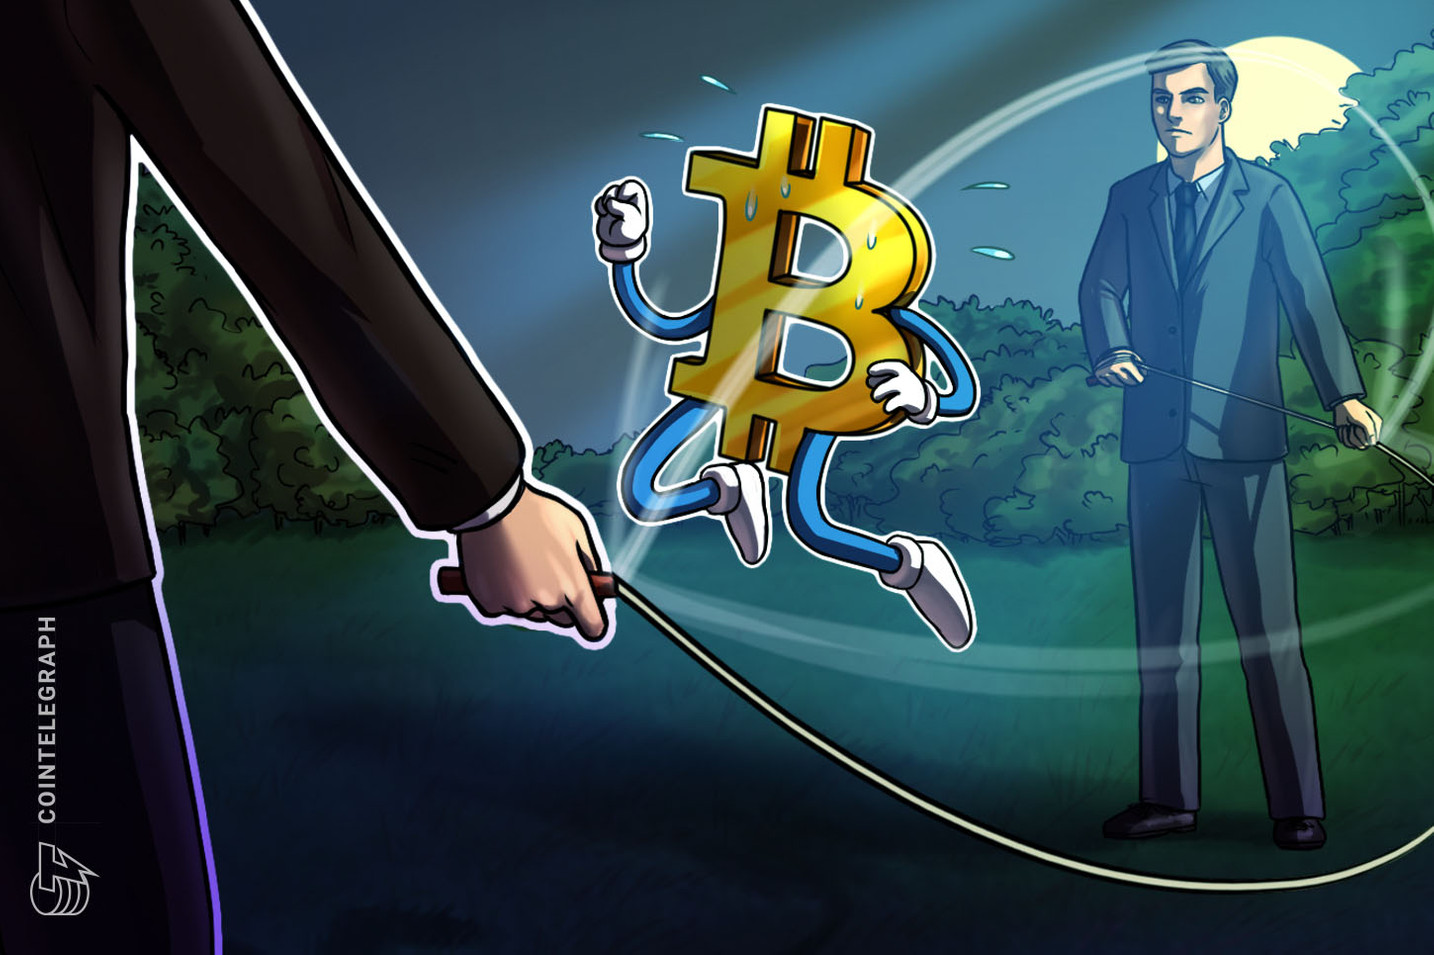 El precio de Bitcoin se aferra a los USD 8,000; analistas advierten que el mercado se ha vuelto bajista